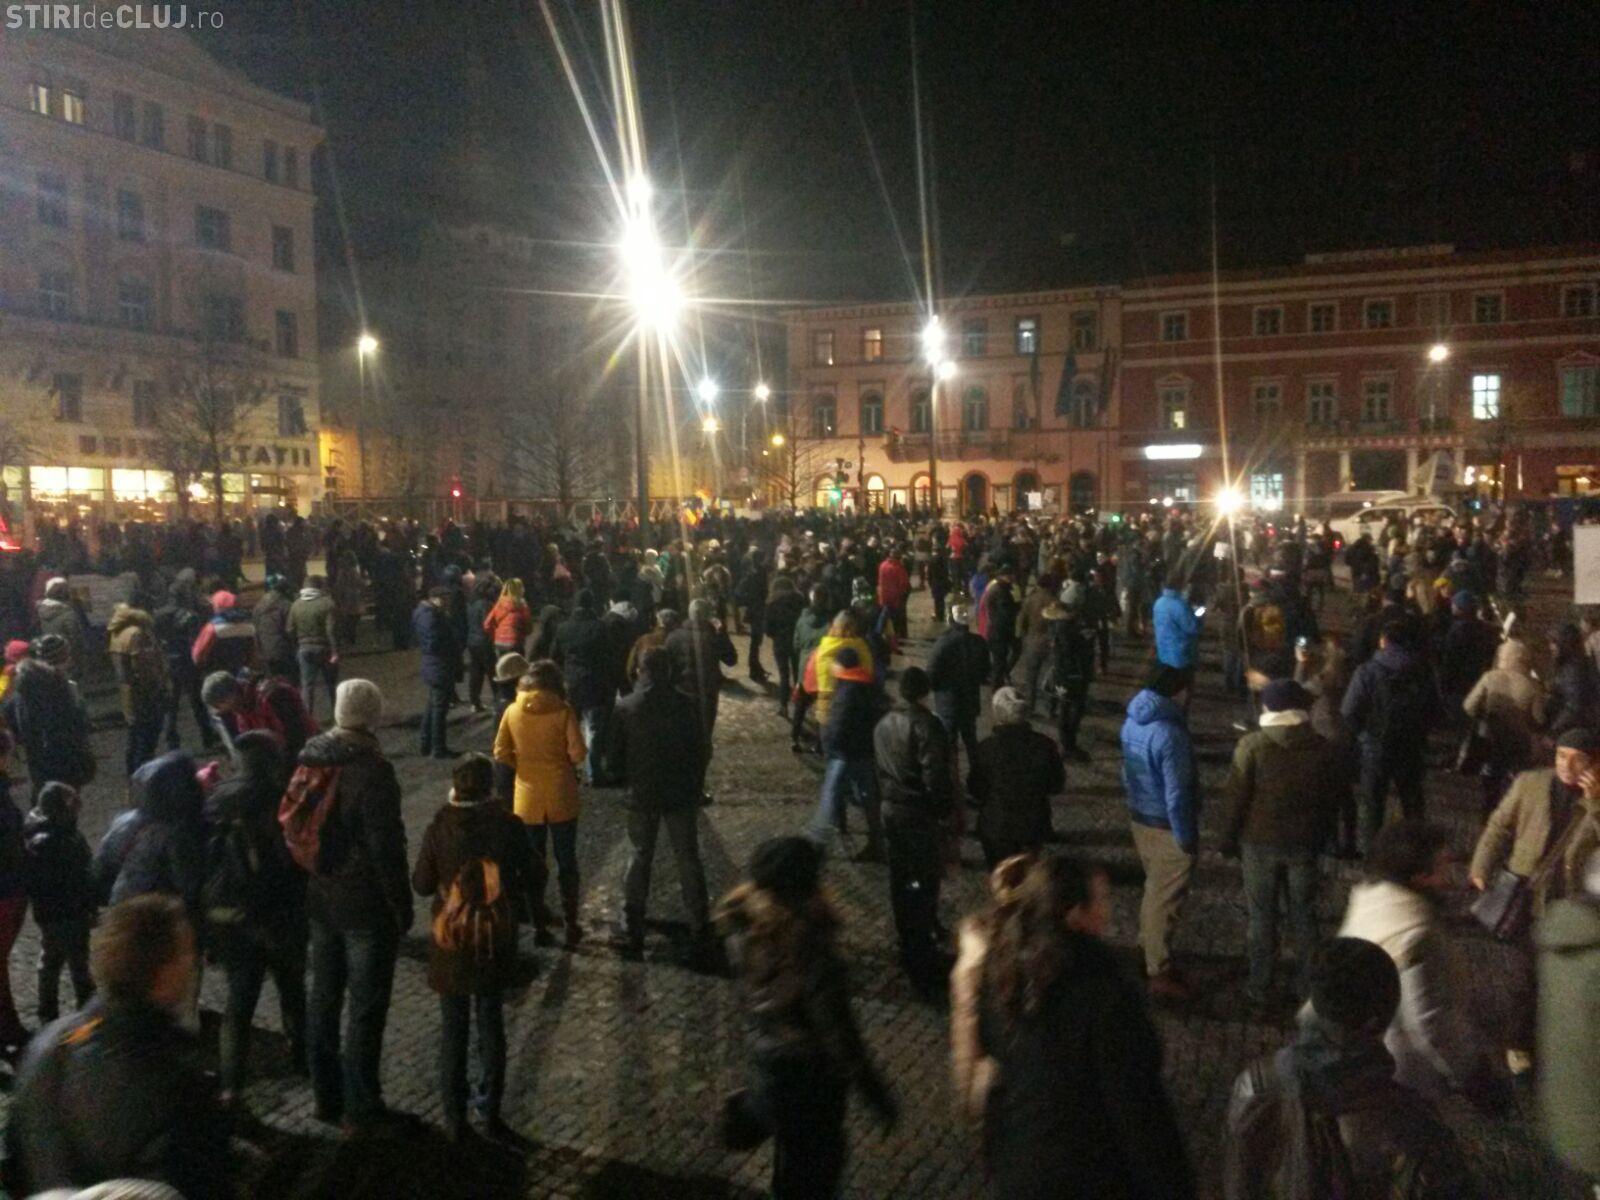 Clujenii ies din nou în stradă, marți seară. S-a intrat în a treia săptămână de proteste